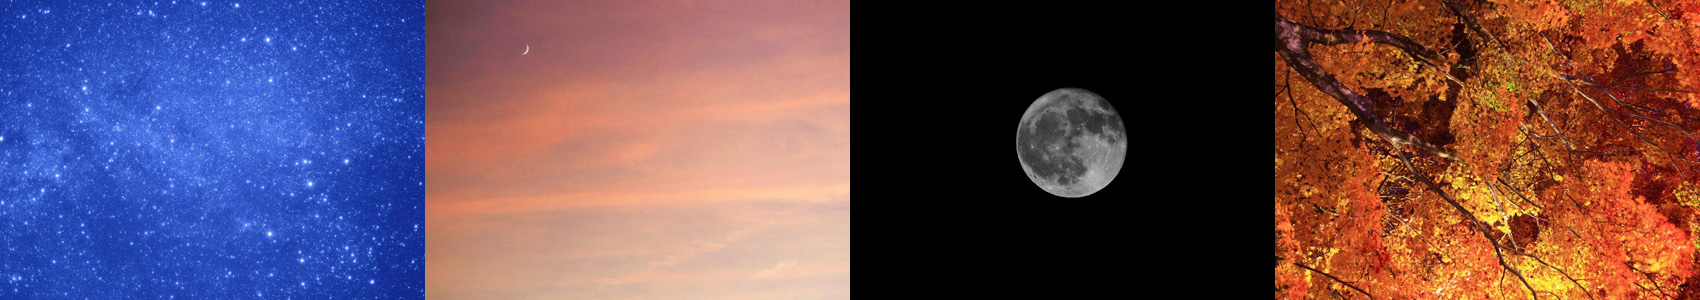 岩手の風景03